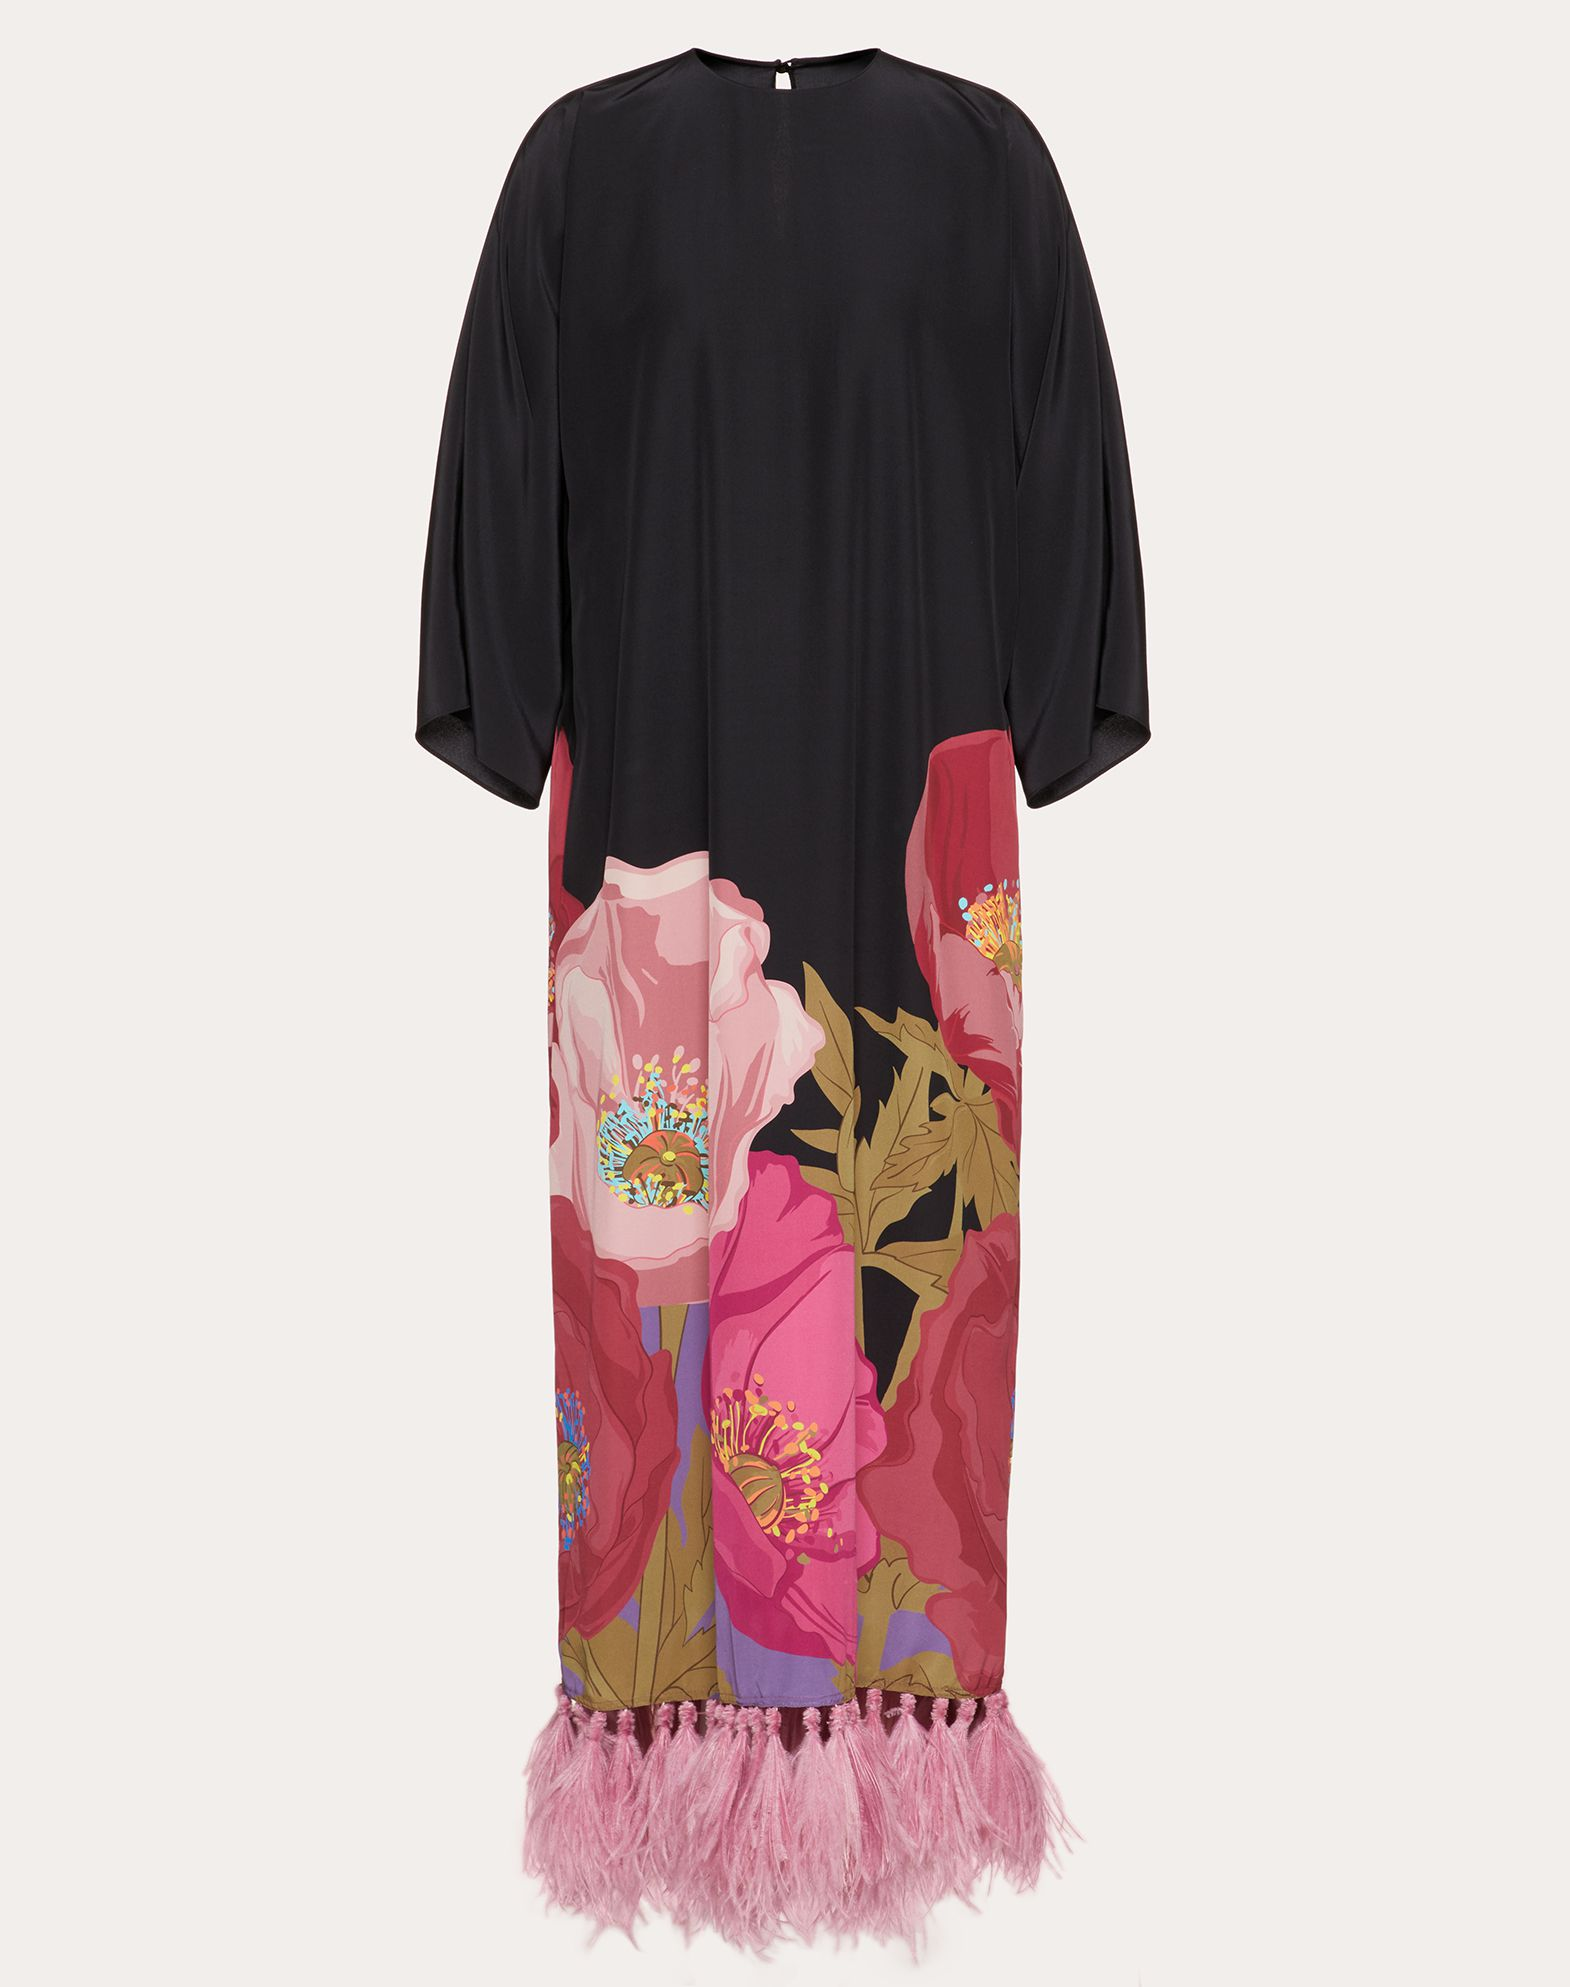 Robe imprimée en crêpe de Chine avec plumes